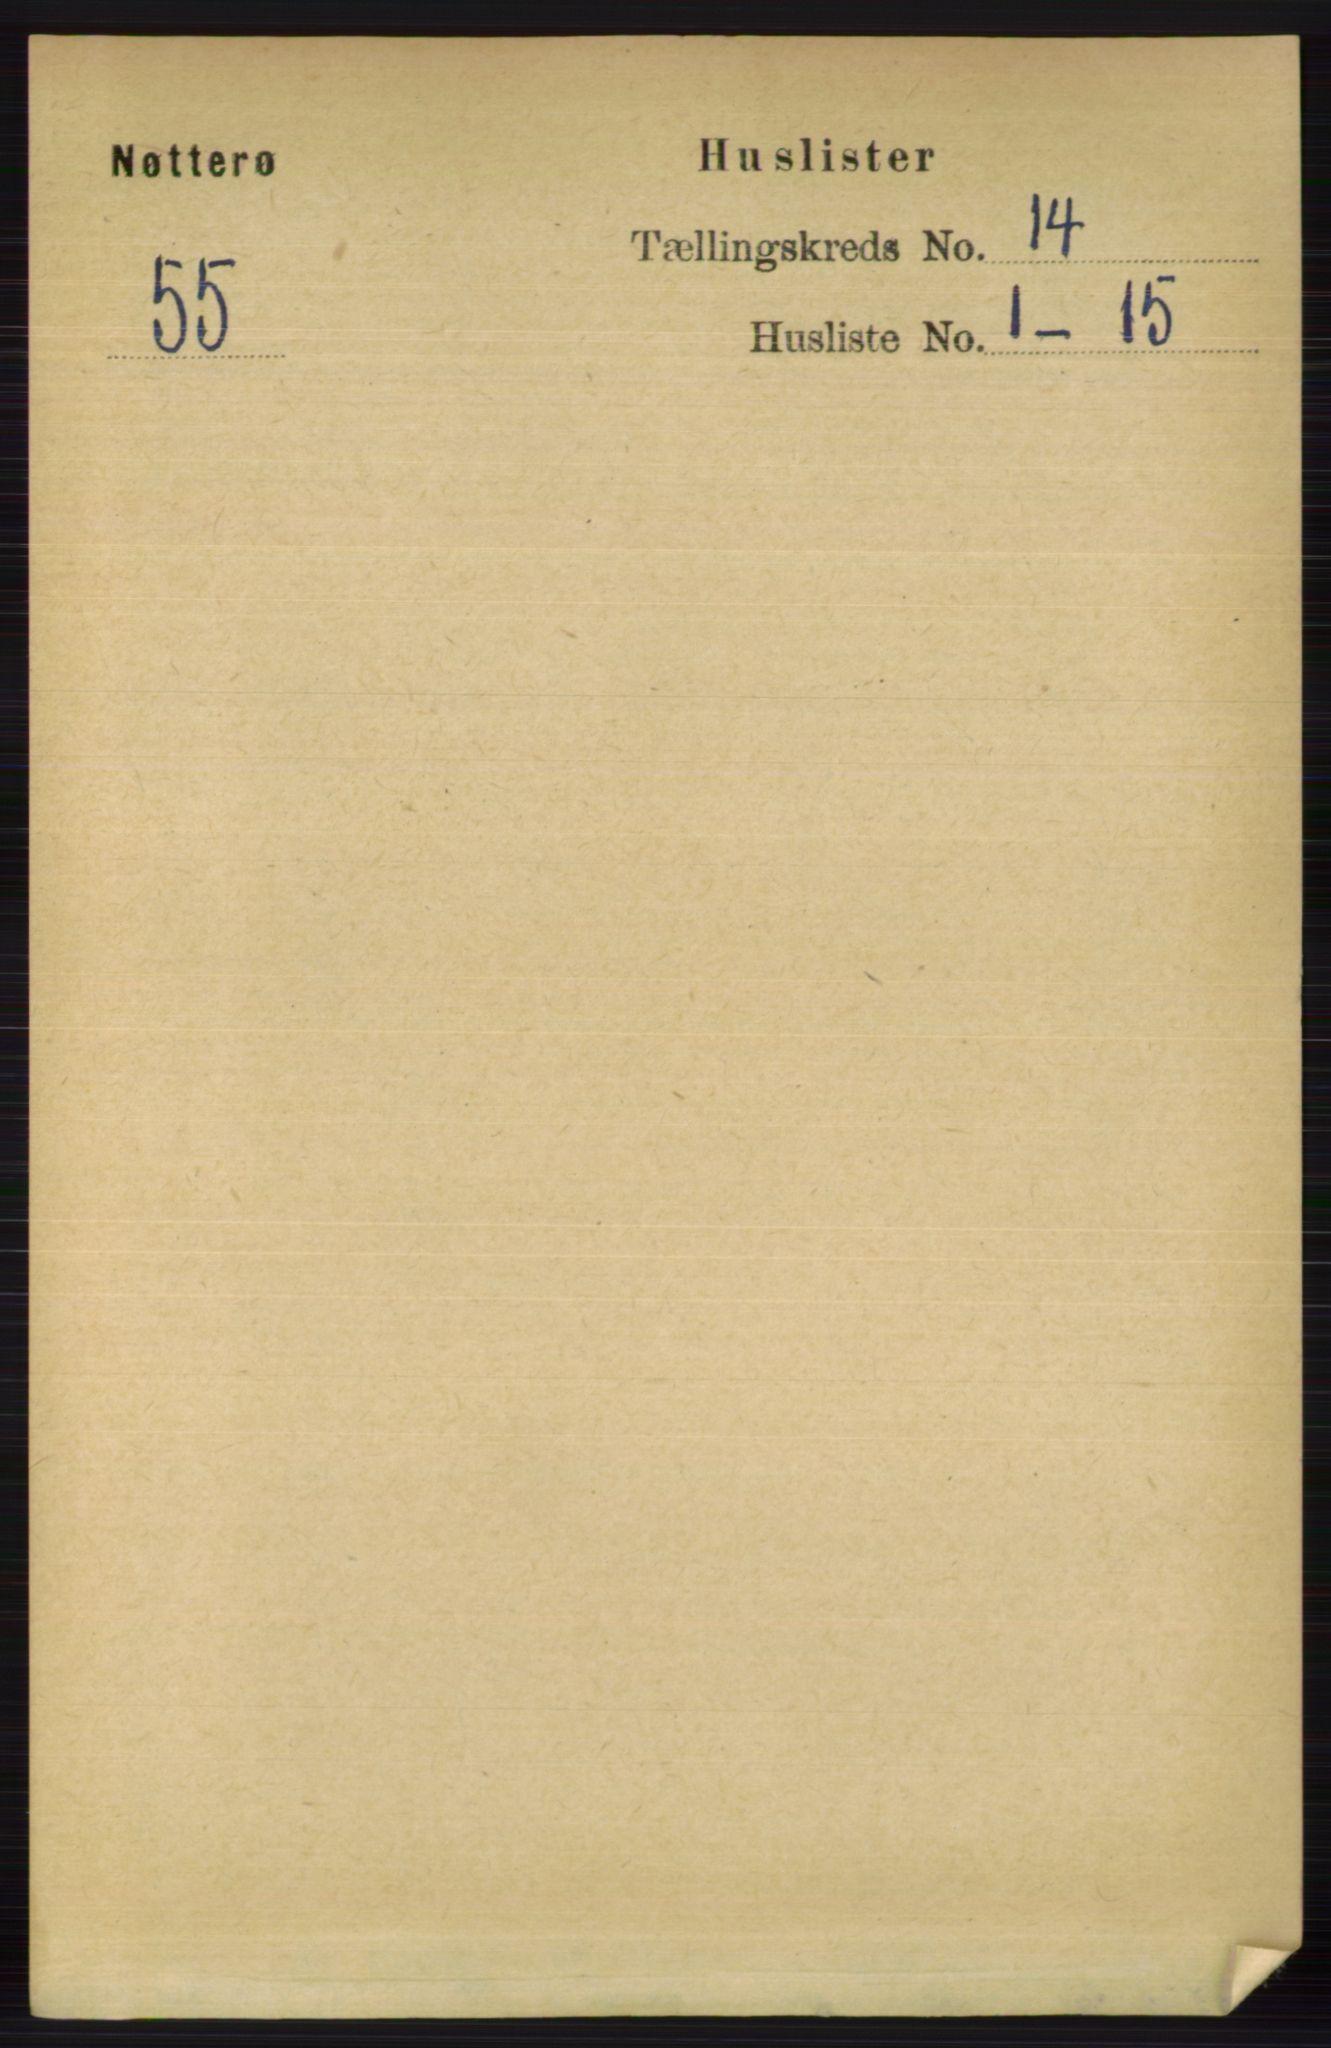 RA, Folketelling 1891 for 0722 Nøtterøy herred, 1891, s. 7511